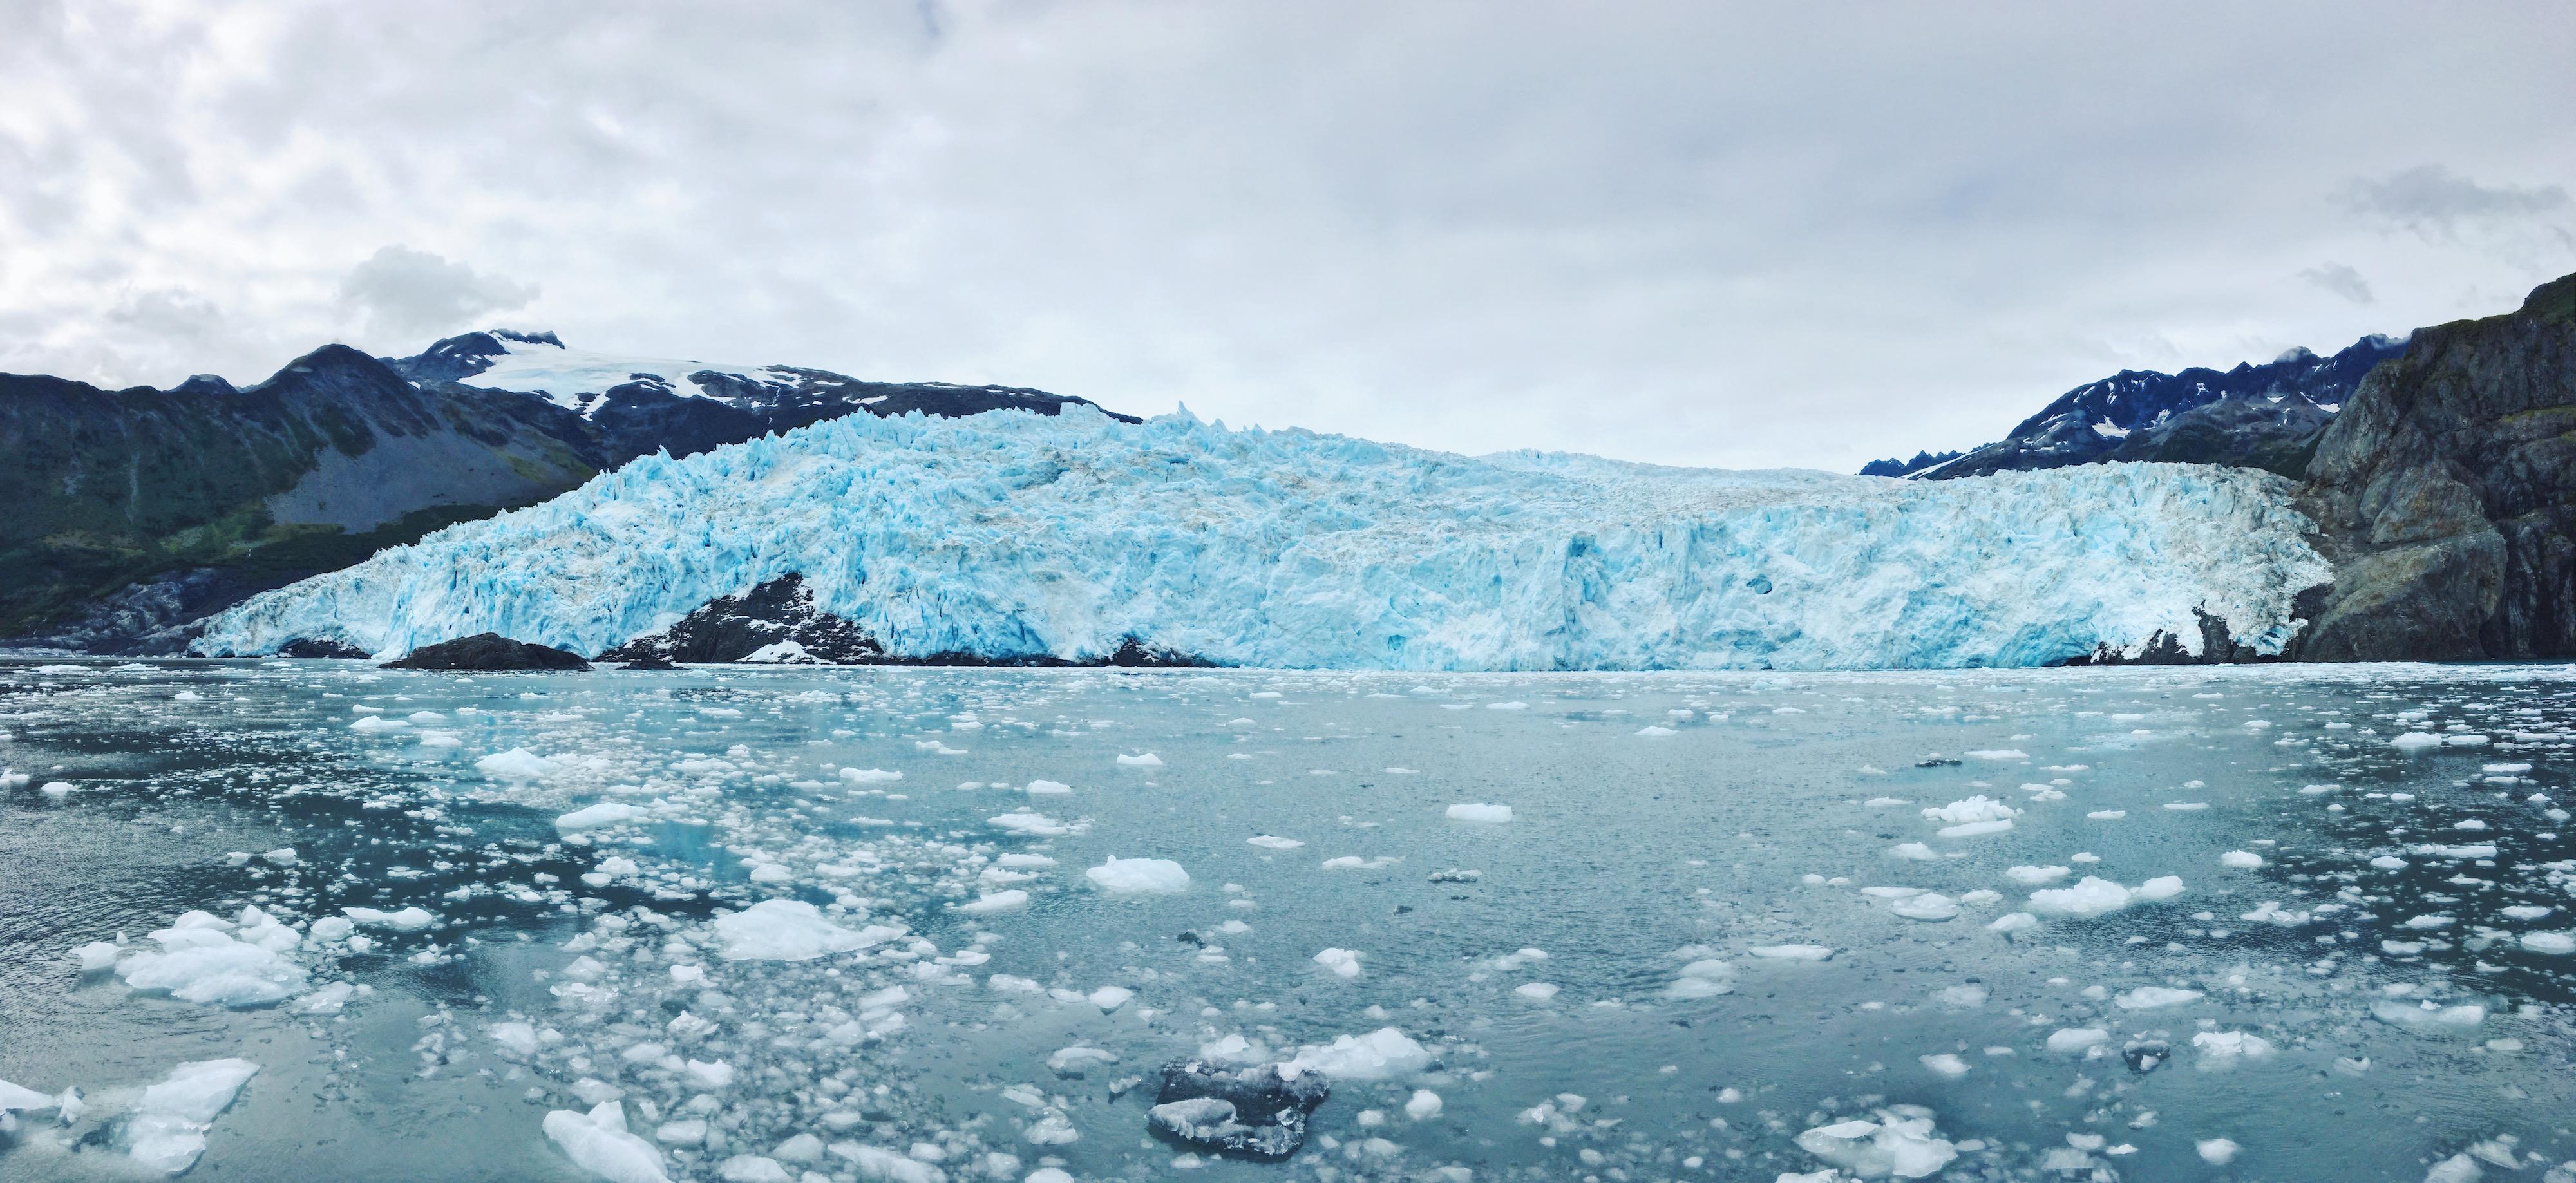 Ghiacciaio Aialik - Alaska - Viaggio di 10 giorni in Alaska